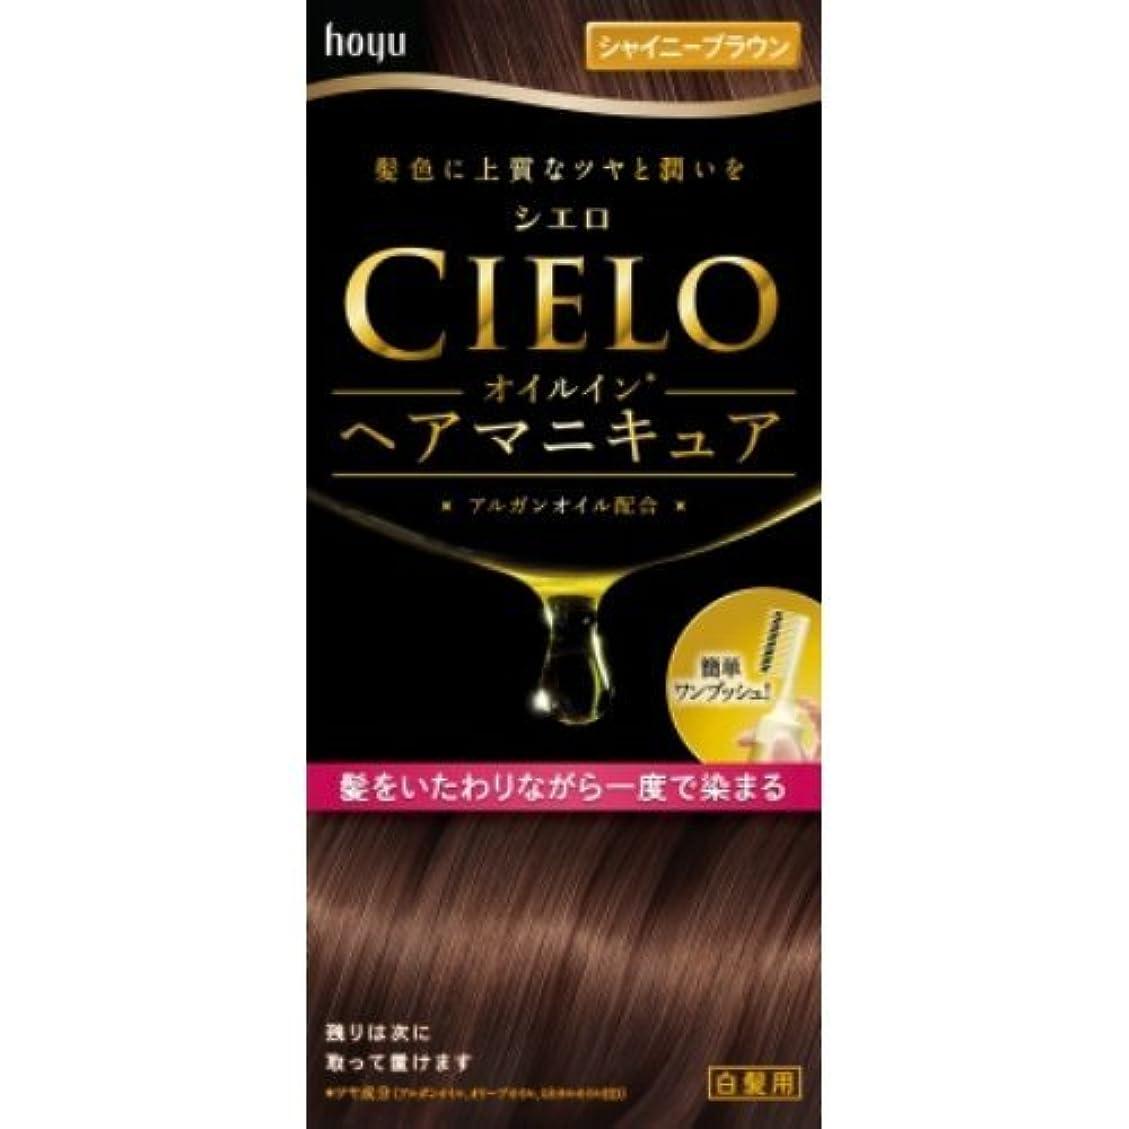 亜熱帯鳴らすあなたが良くなりますシエロ オイルインヘアマニキュア シャイニーブラウン × 3個セット